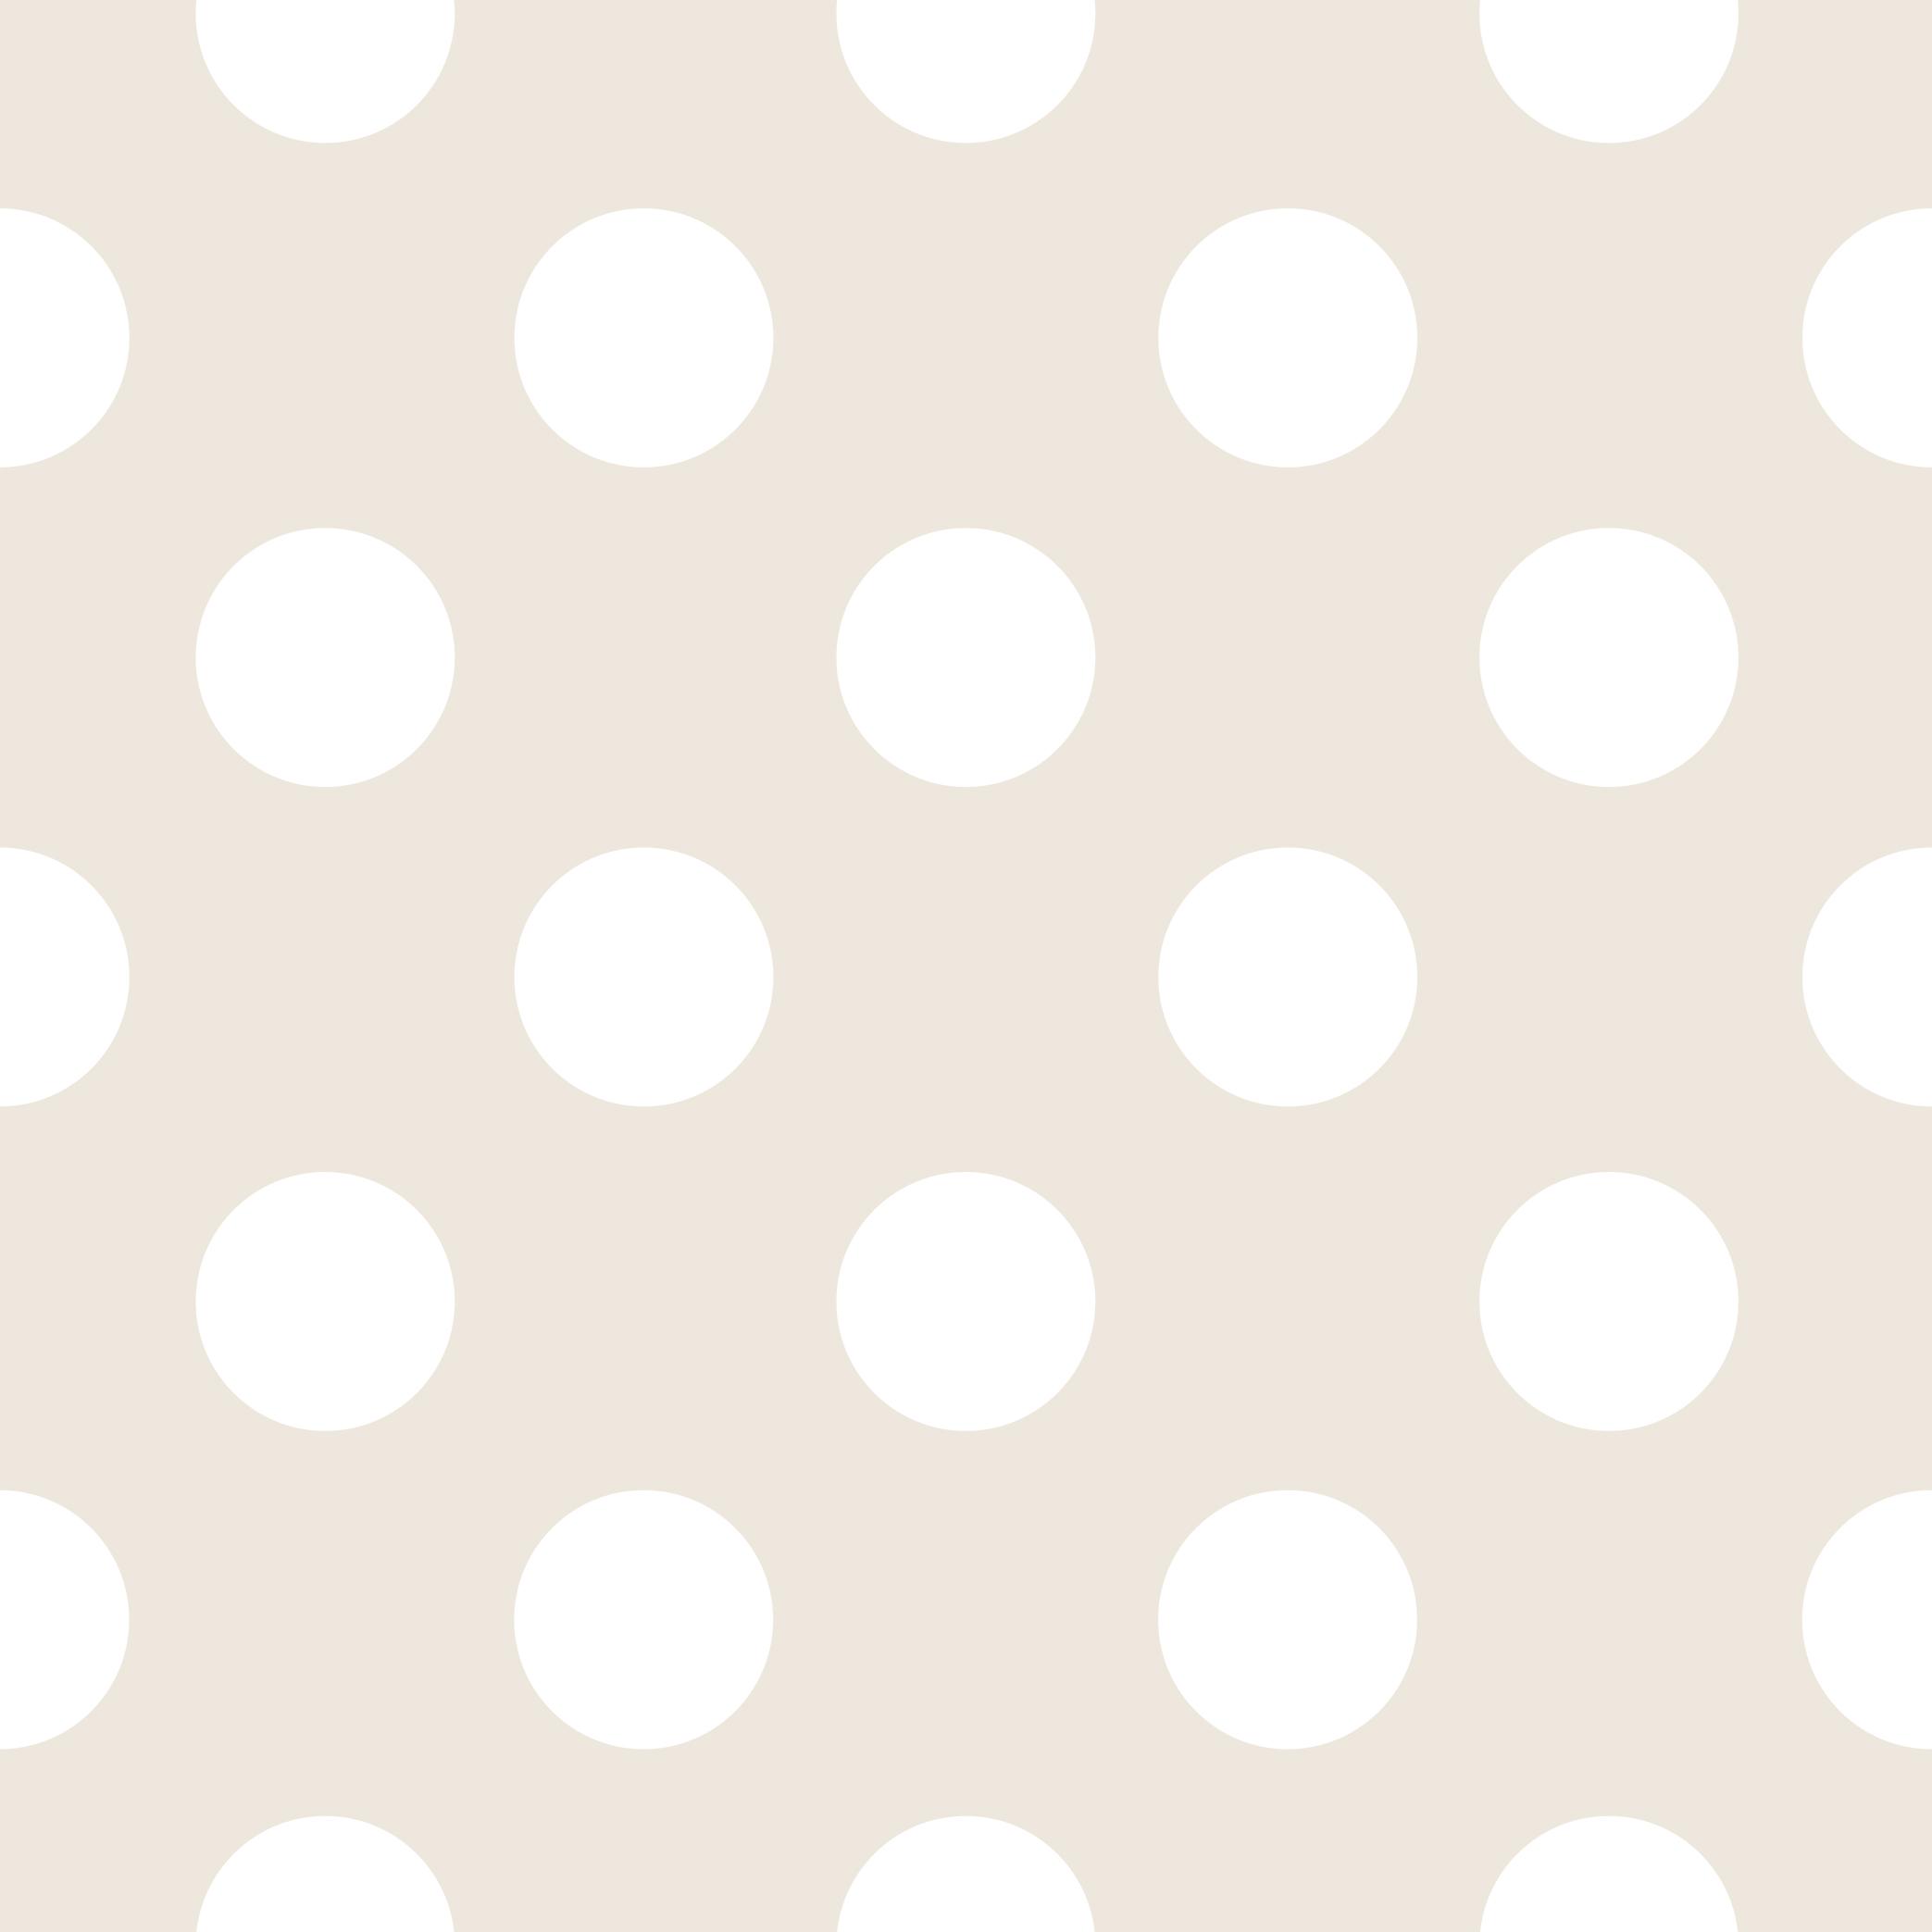 Dětské tapety Disney Deco 3006-4 | 10,05 x 0,53 m (Tapeta s puntíky - papírová)